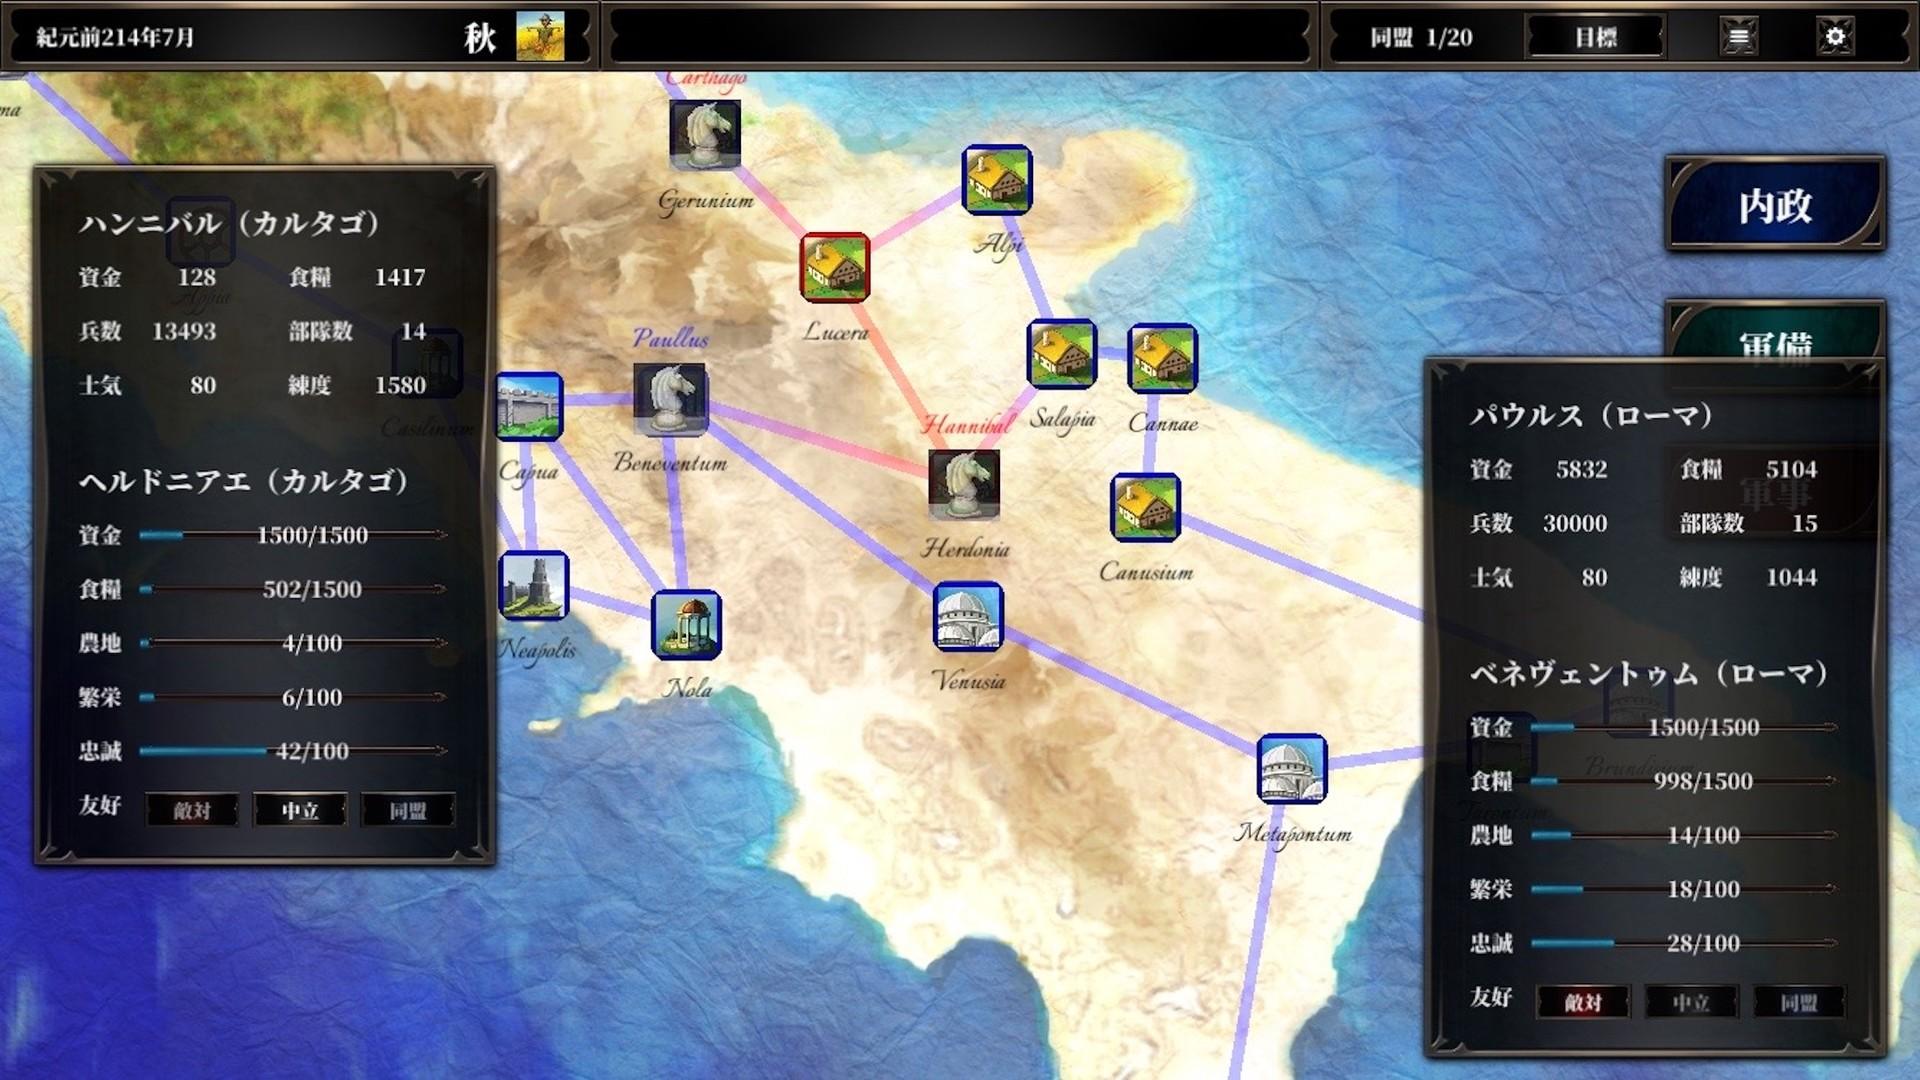 地中海闪电中文版(策略游戏)